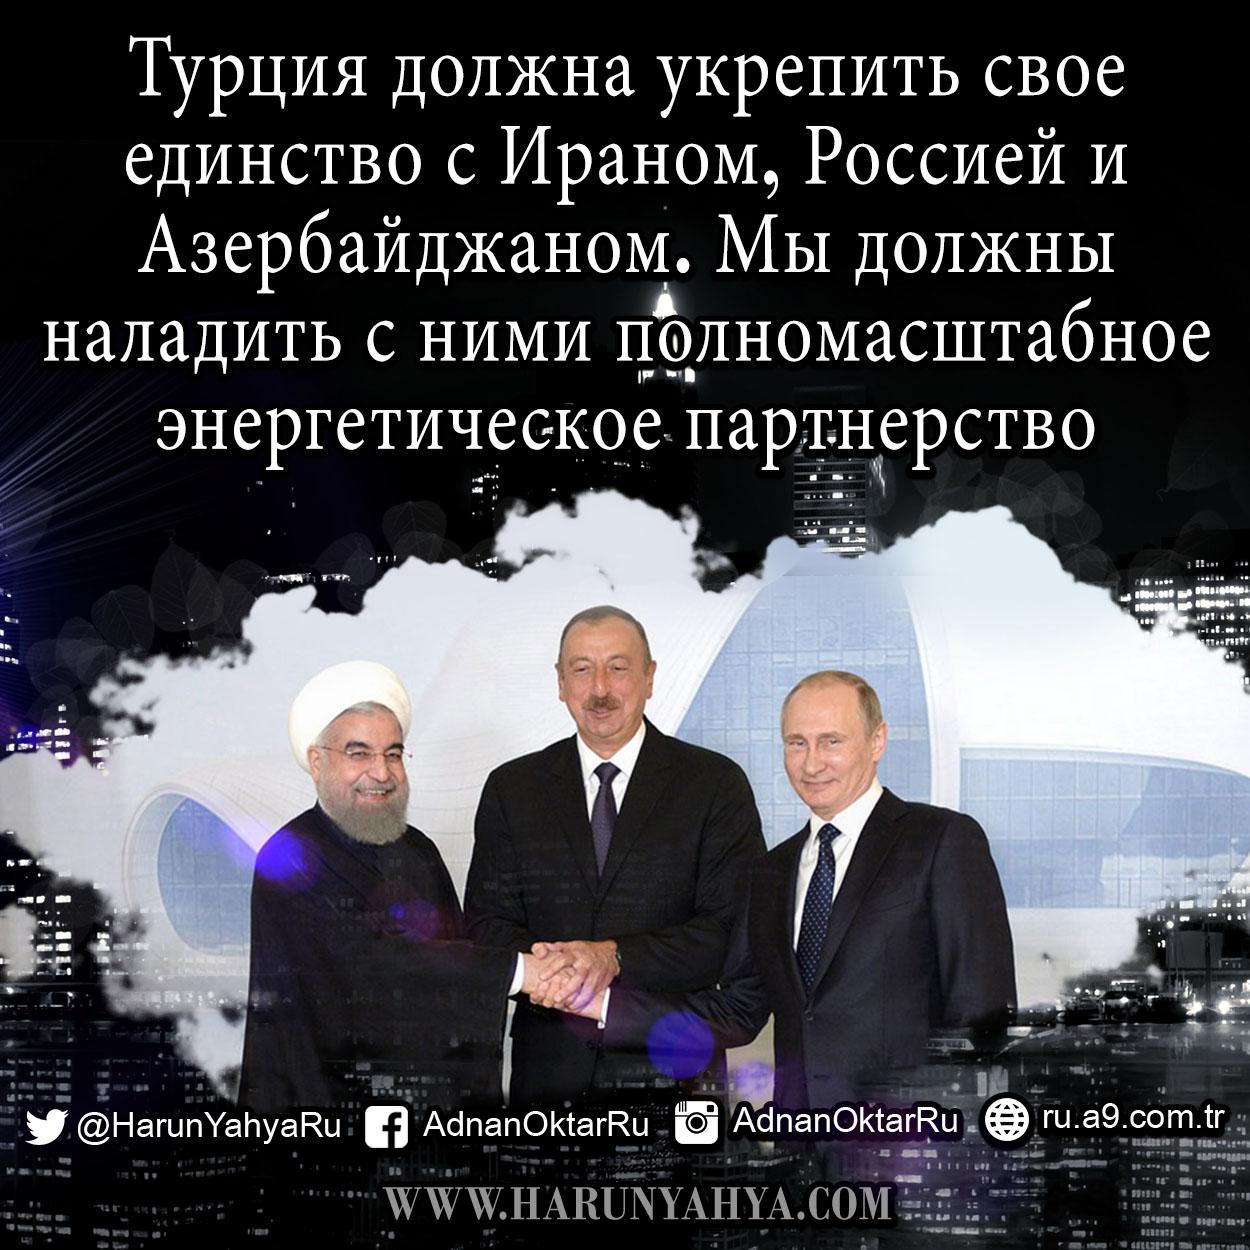 """<table style=""""width: 100%;""""><tr><td style=""""vertical-align: middle;"""">Турция должна укрепить свое единство с Ираном, Россией и Азербайджаном. Мы должны наладить с ними полномасштабное энергетическое партнерство </td><td style=""""max-width: 70px;vertical-align: middle;""""> <a href=""""/downloadquote.php?filename=1487842324428.jpg""""><img class=""""hoversaturate"""" height=""""20px"""" src=""""/assets/images/download-iconu.png"""" style=""""width: 48px; height: 48px;"""" title=""""Download Image""""/></a></td></tr></table>"""